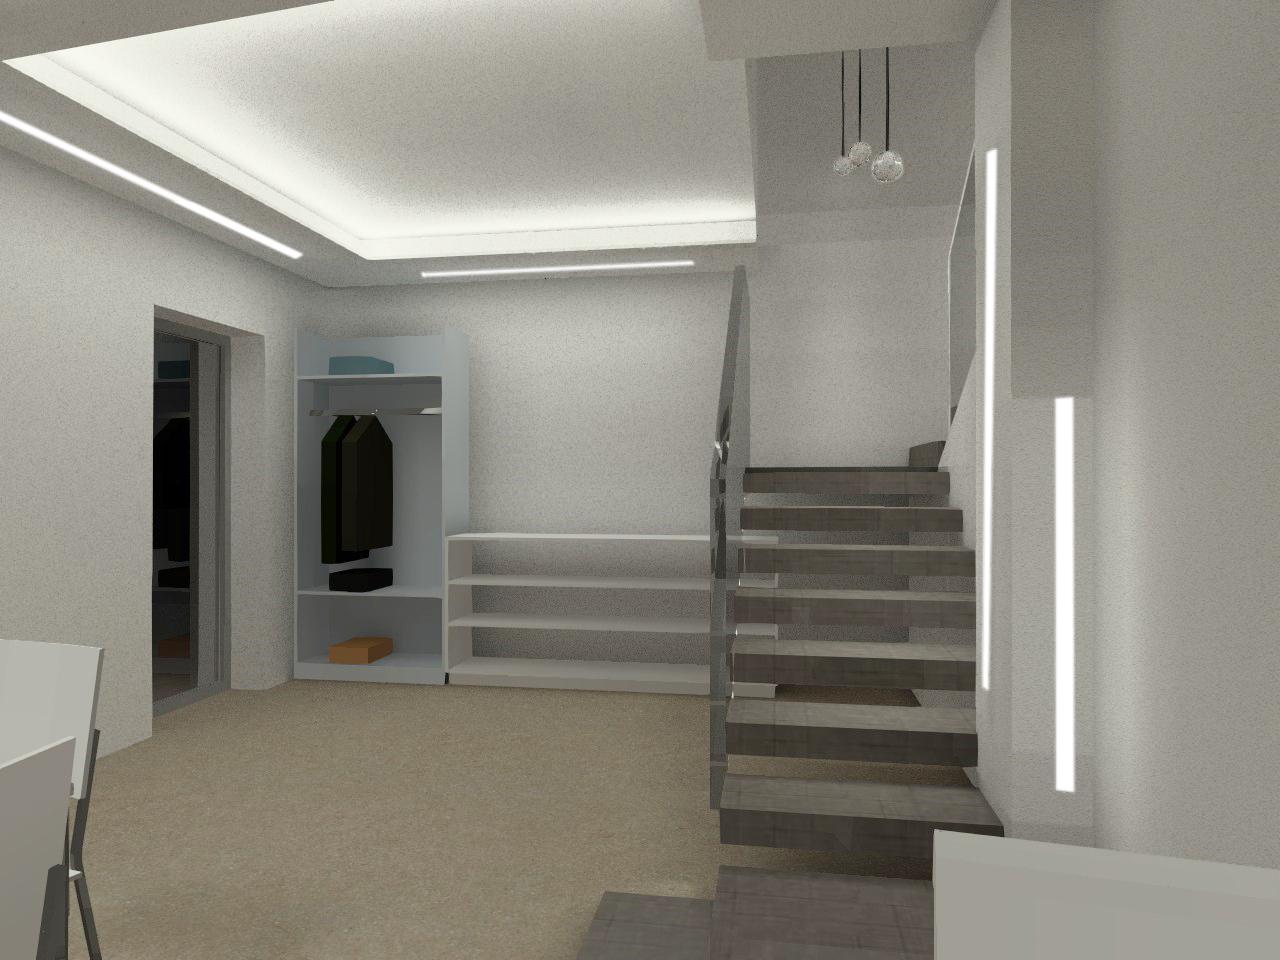 Progetto illuminazione casa images progettazione